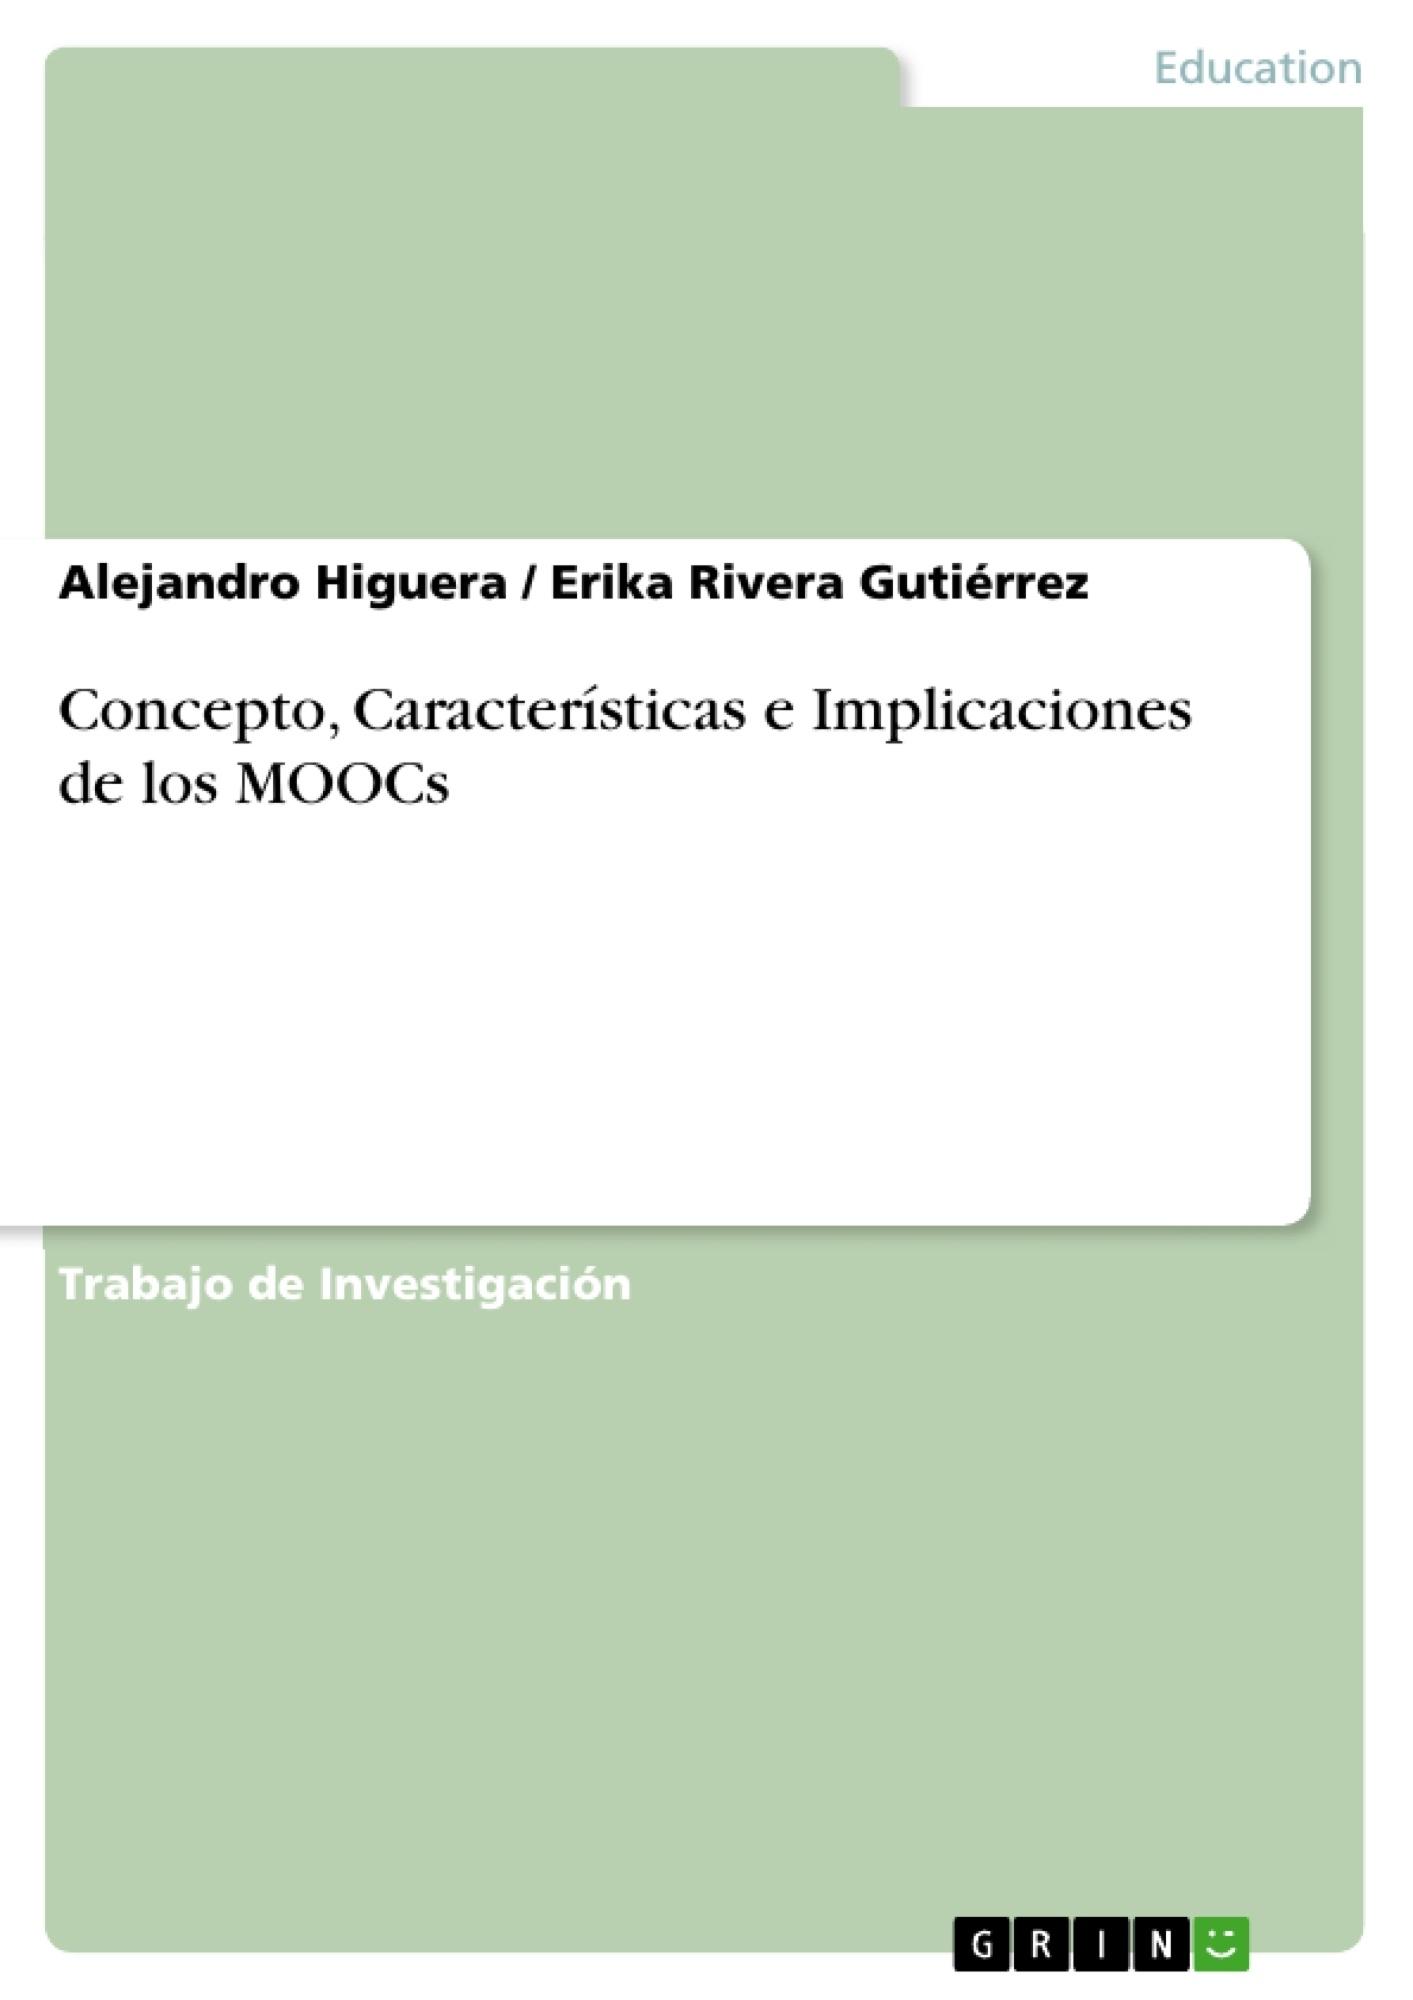 Título: Concepto, Características e Implicaciones de los MOOCs